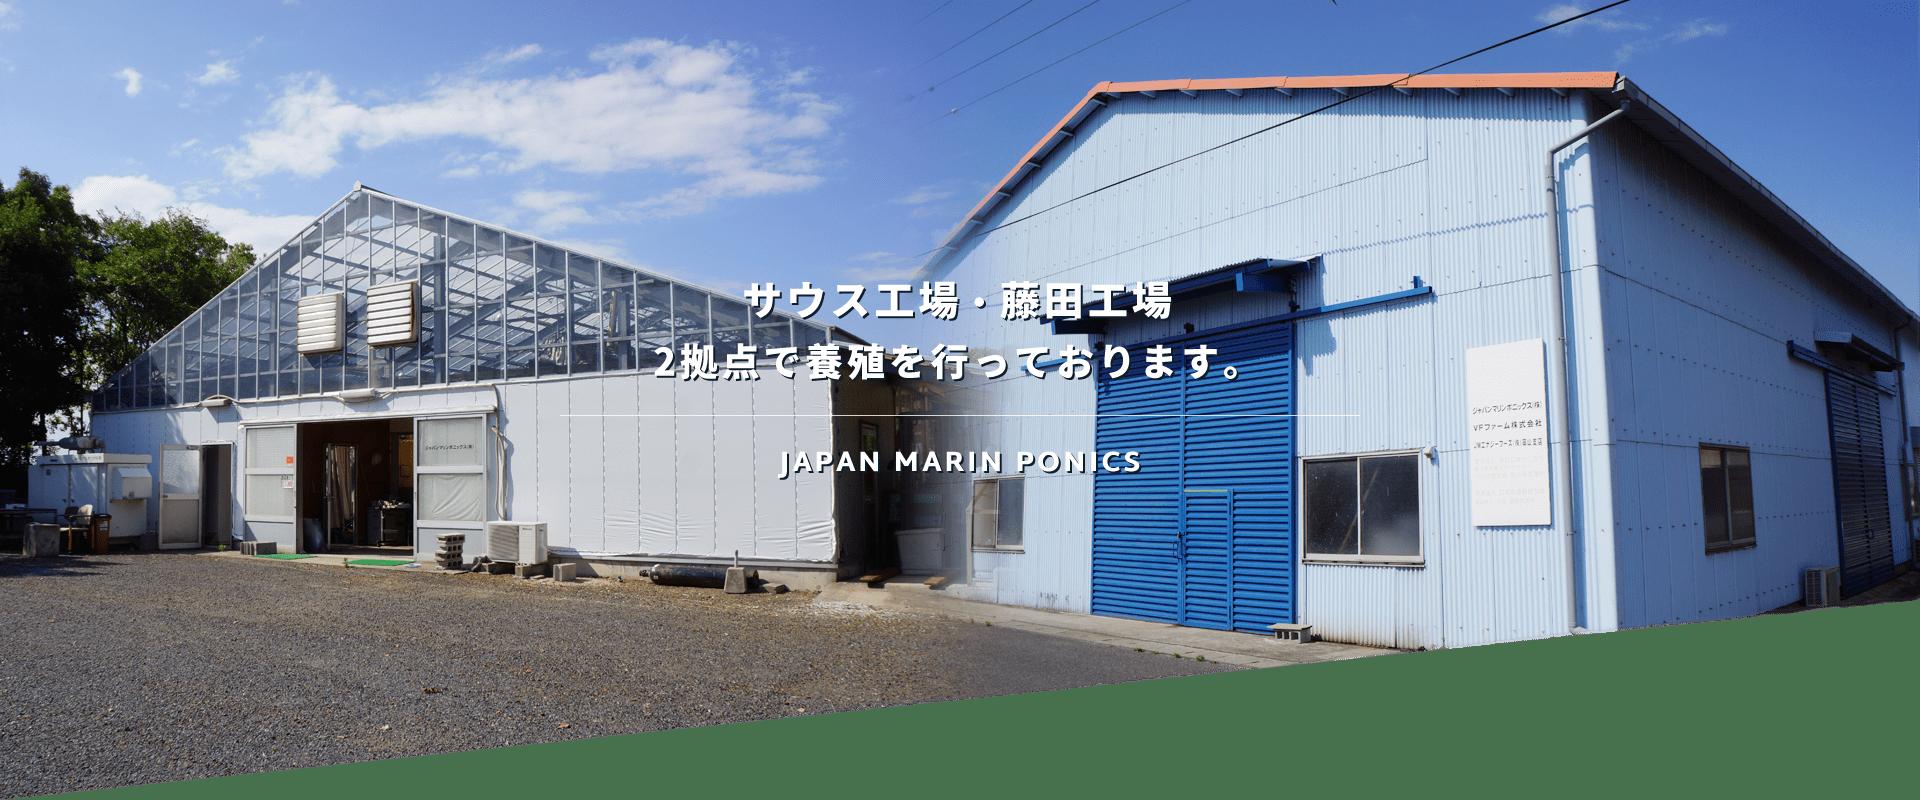 サウス工場・藤田工場2拠点で養殖を行っております。